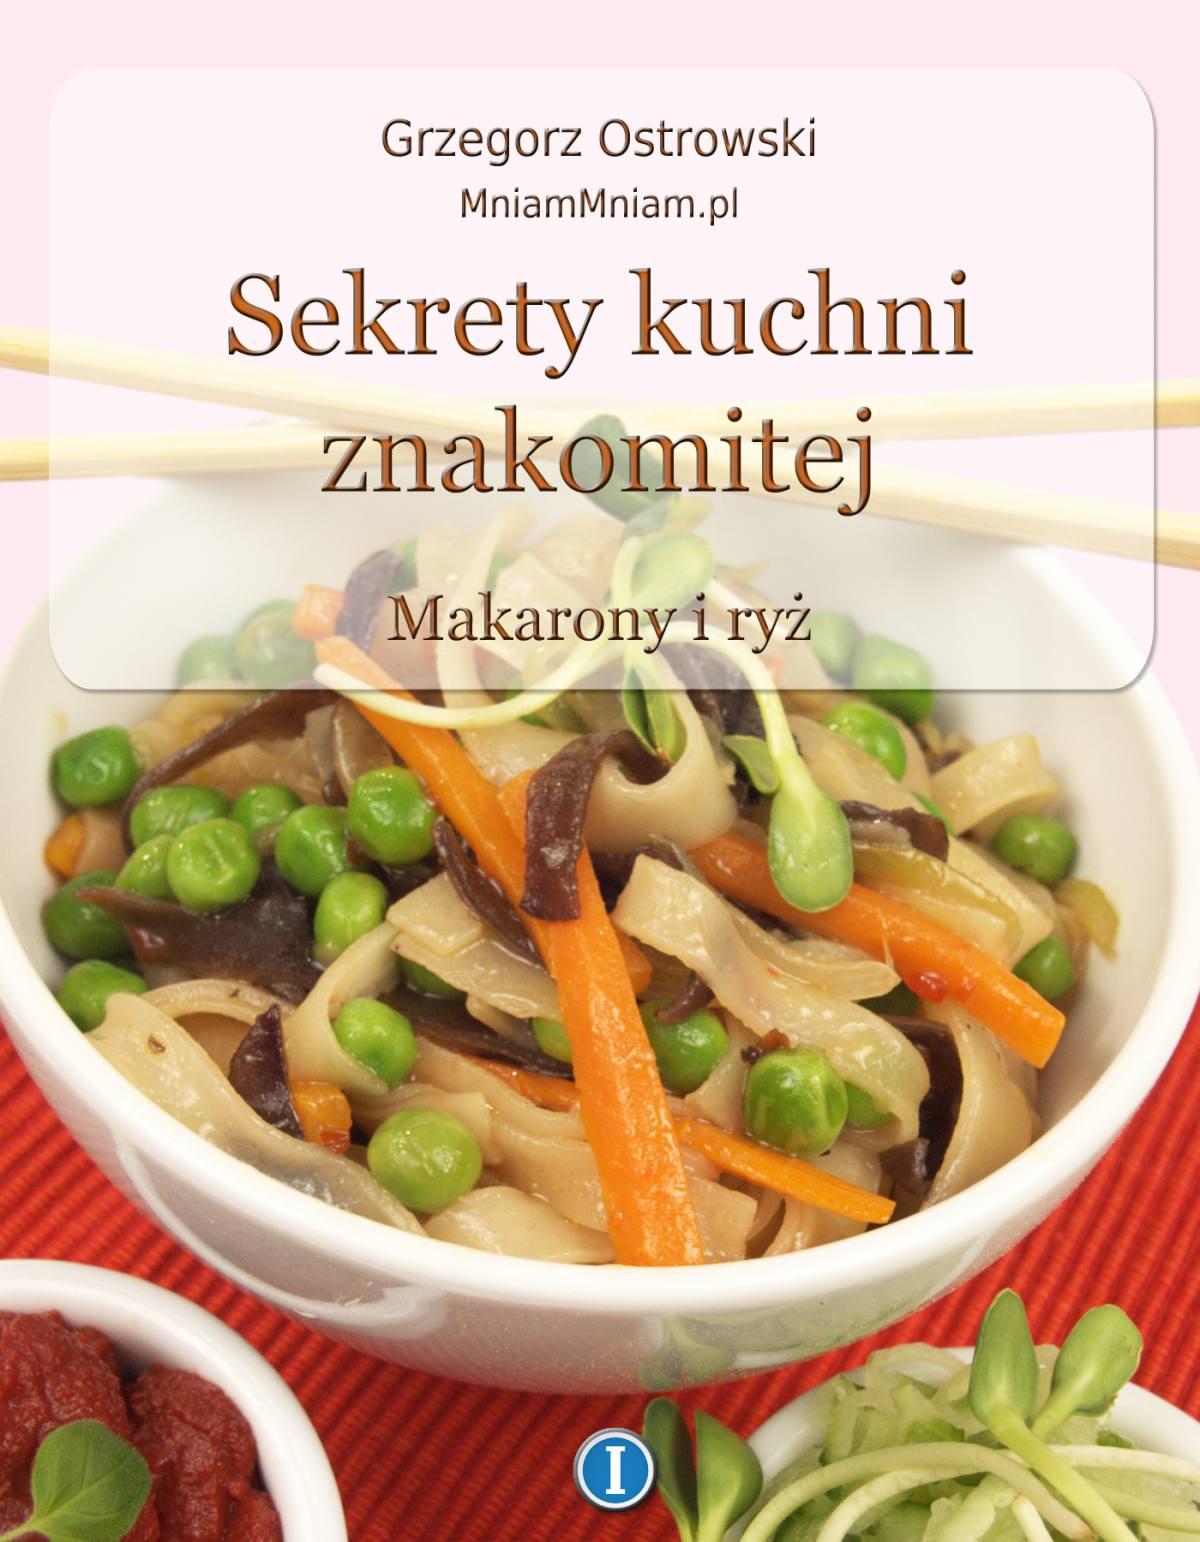 Sekrety kuchni znakomitej. Makarony i ryż - Ebook (Książka EPUB) do pobrania w formacie EPUB